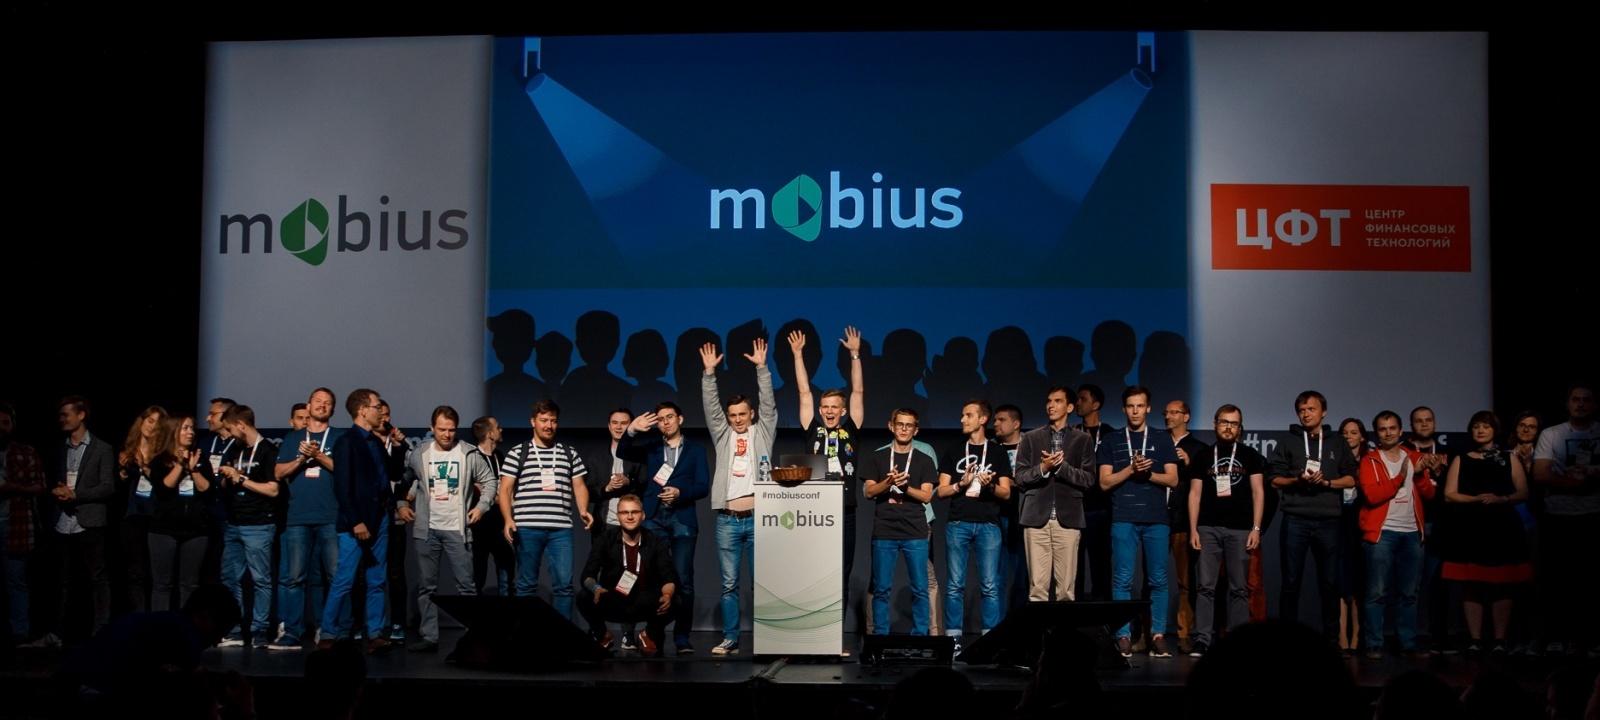 Как прошёл Mobius 2019 Piter (и немного о следующем Mobius) - 13